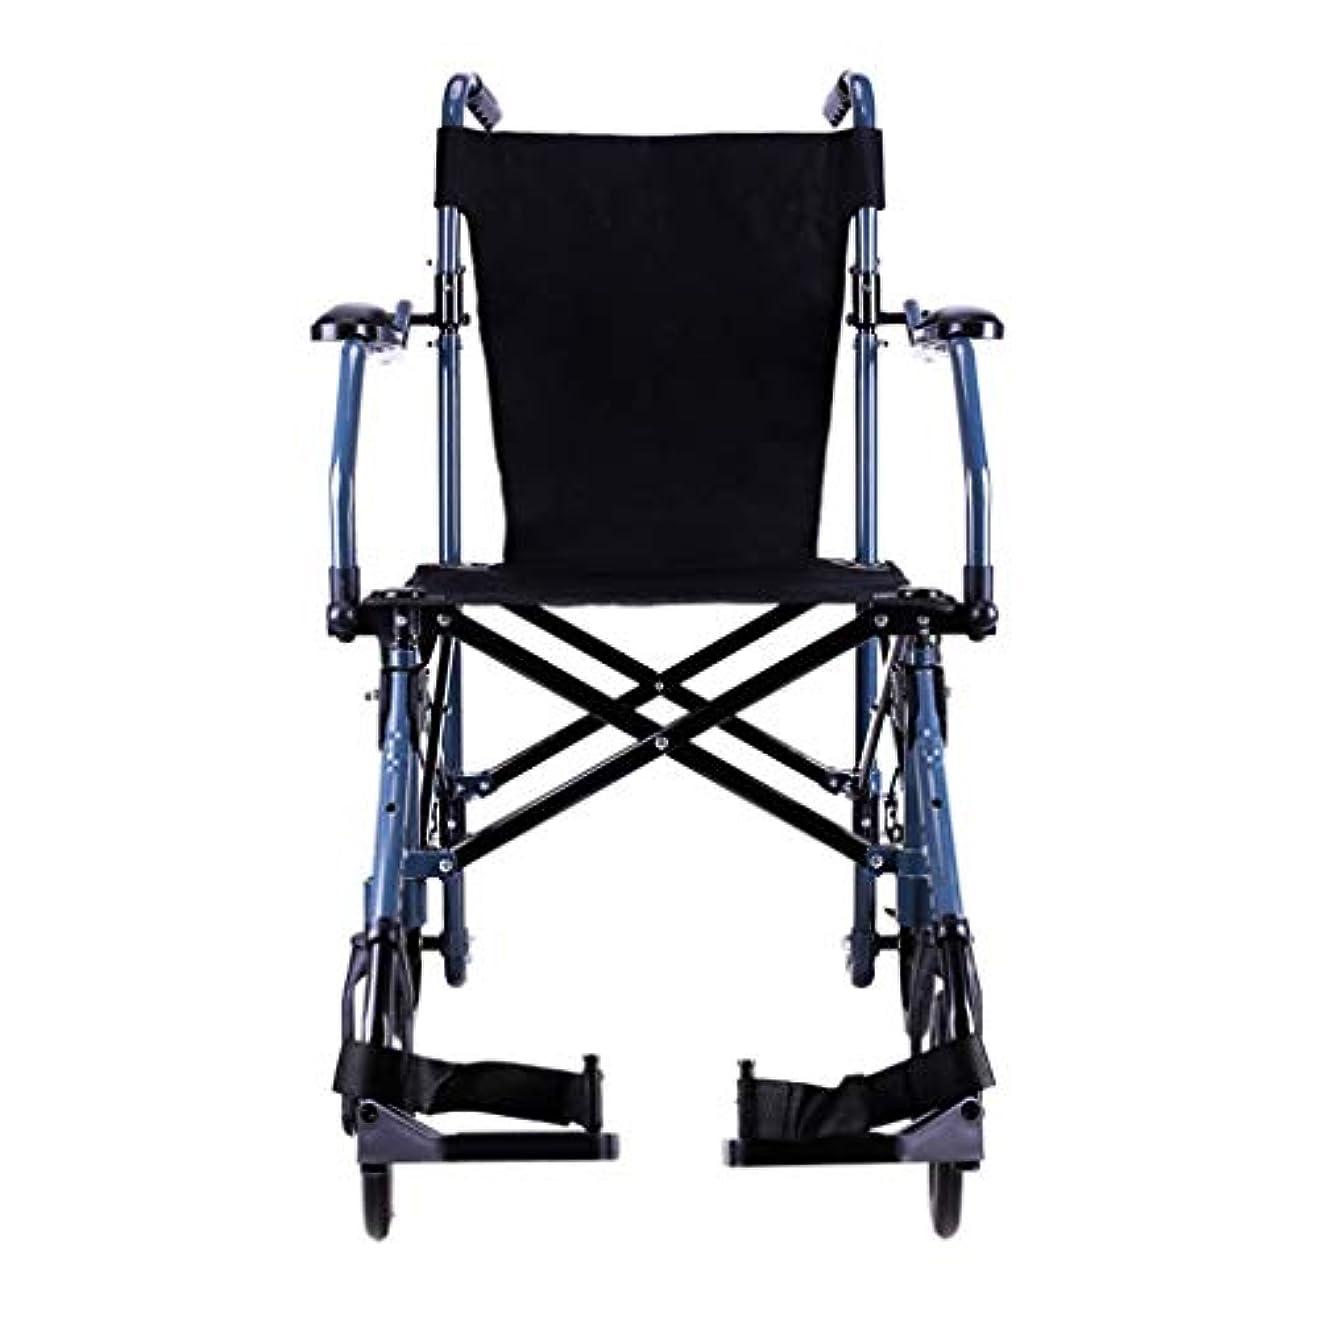 講師可塑性スチール車椅子折りたたみポータブル旅行、高齢者、身体障害者用屋外旅行車椅子、スーツケース、飛行機などに設置可能